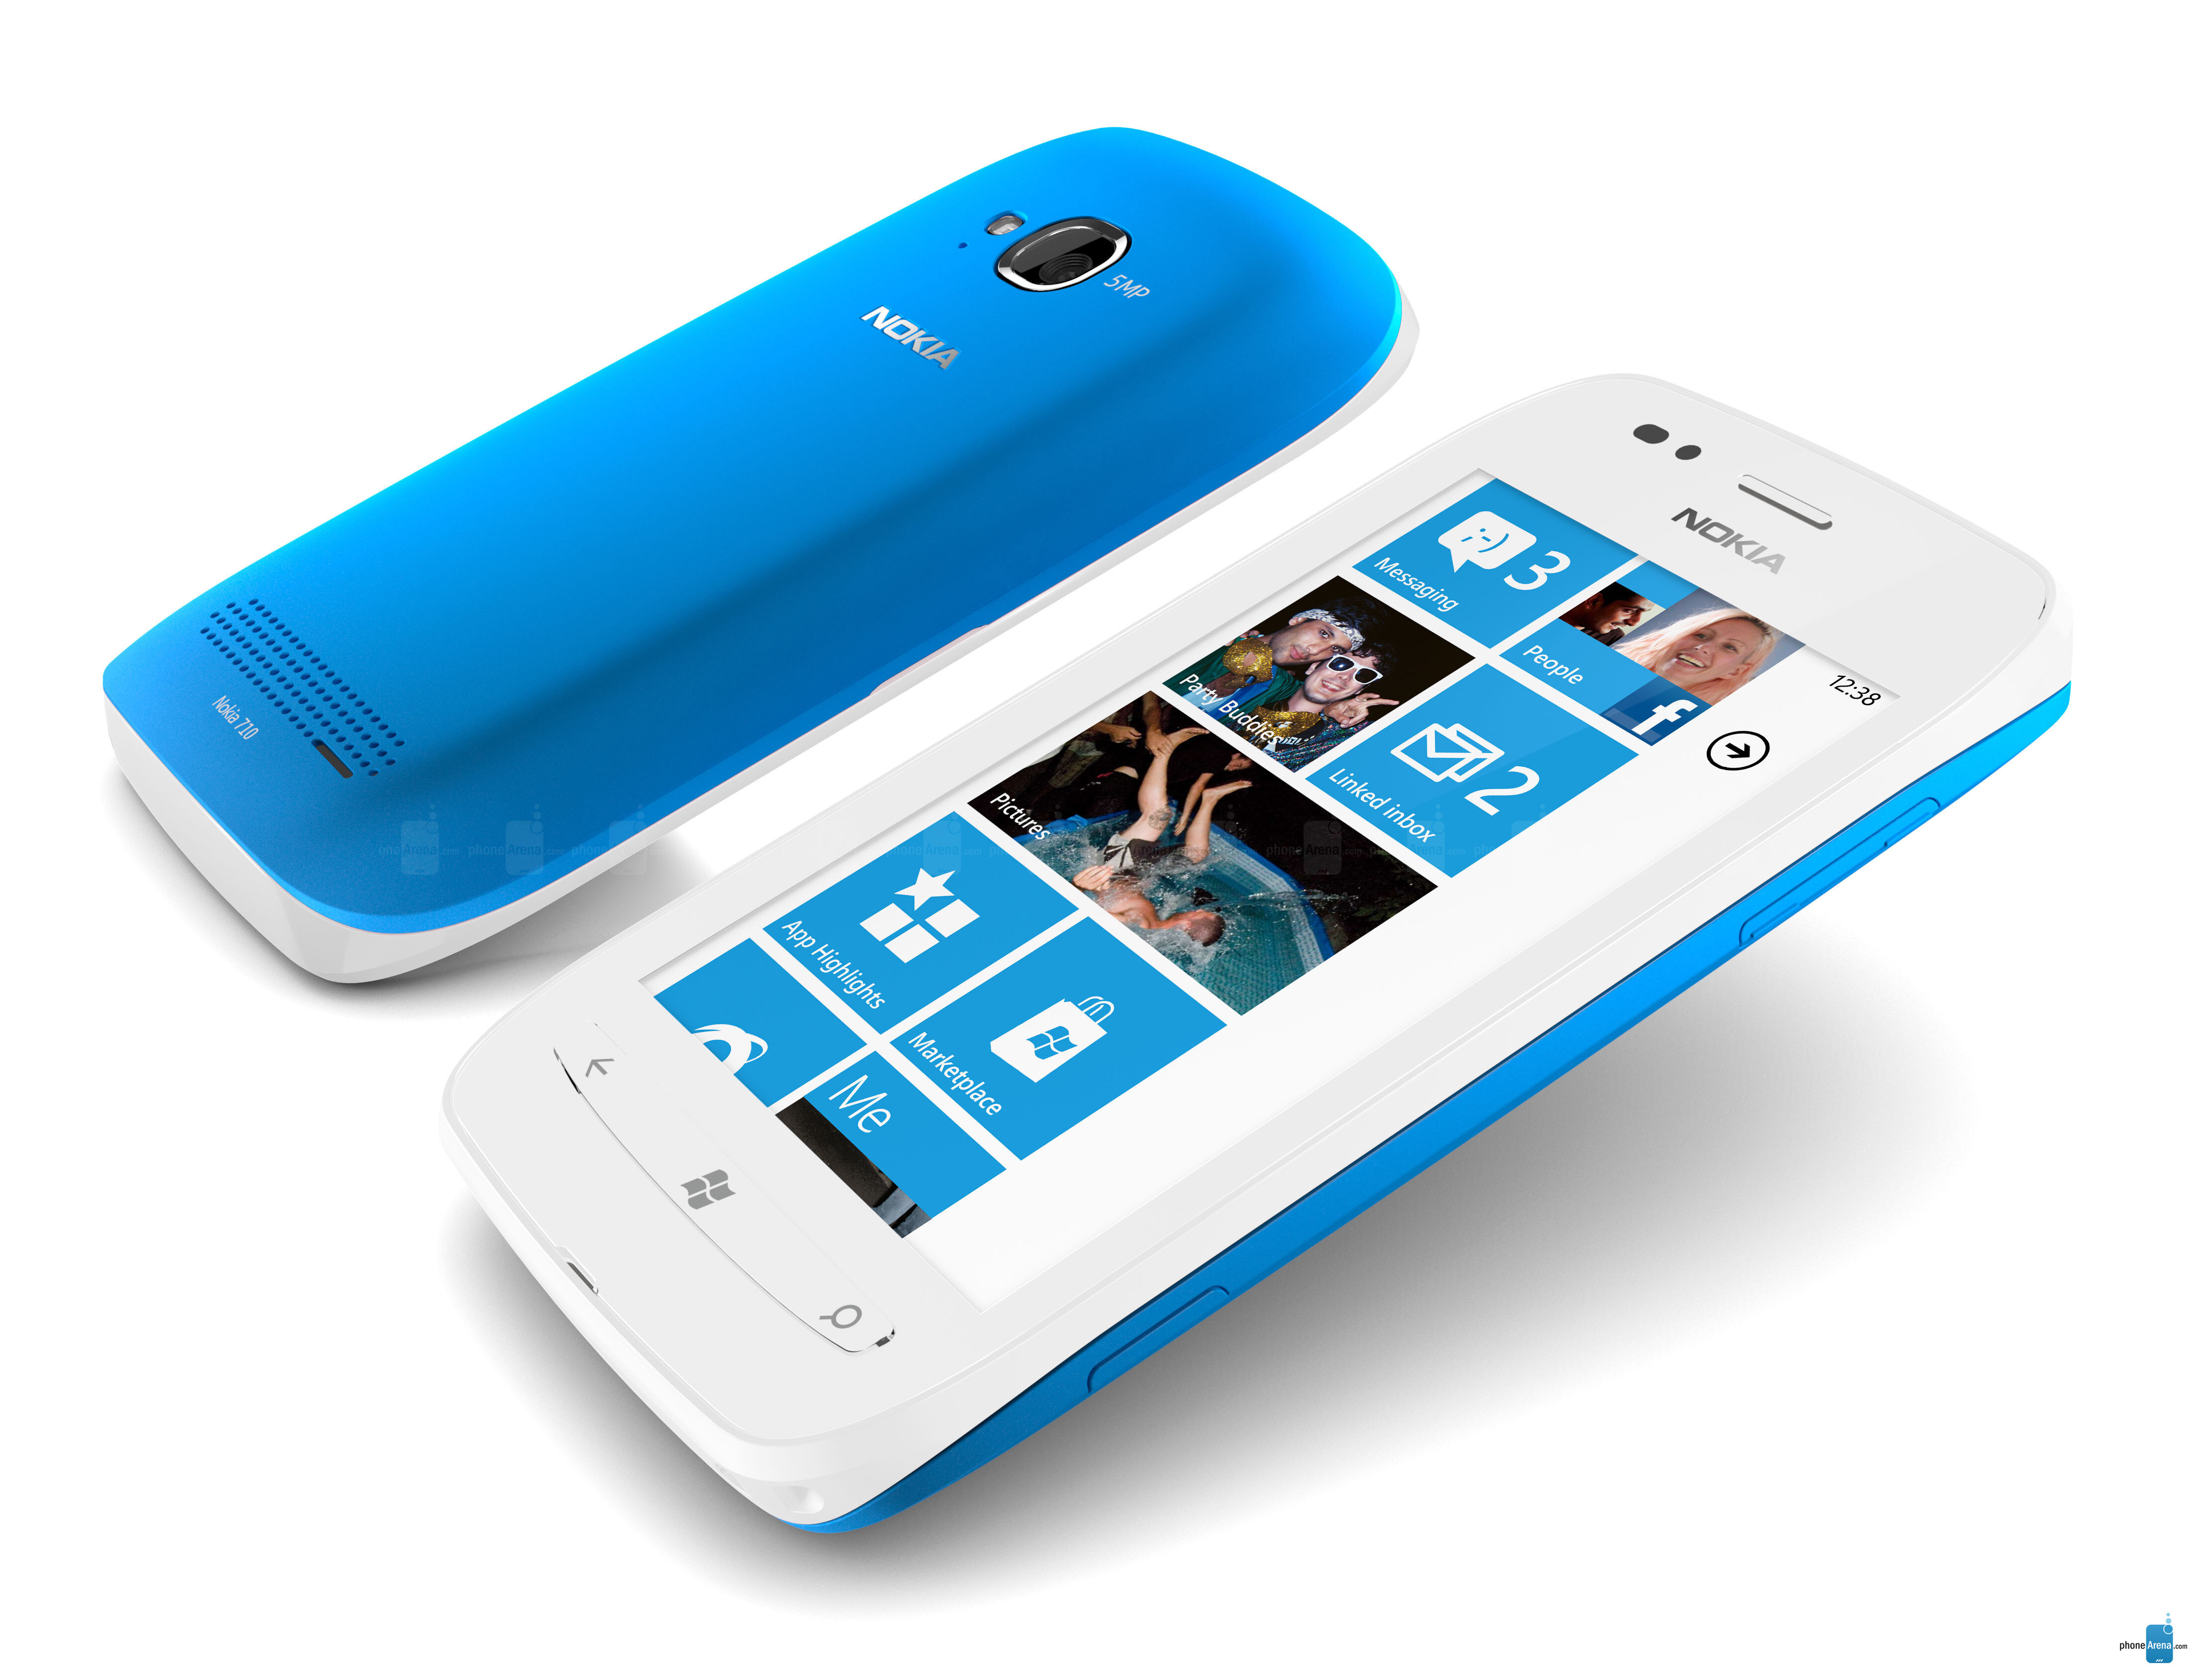 So sánh điện thoại di động Sony Xperia U và Lumia 710: chỉ là sự thất vọng